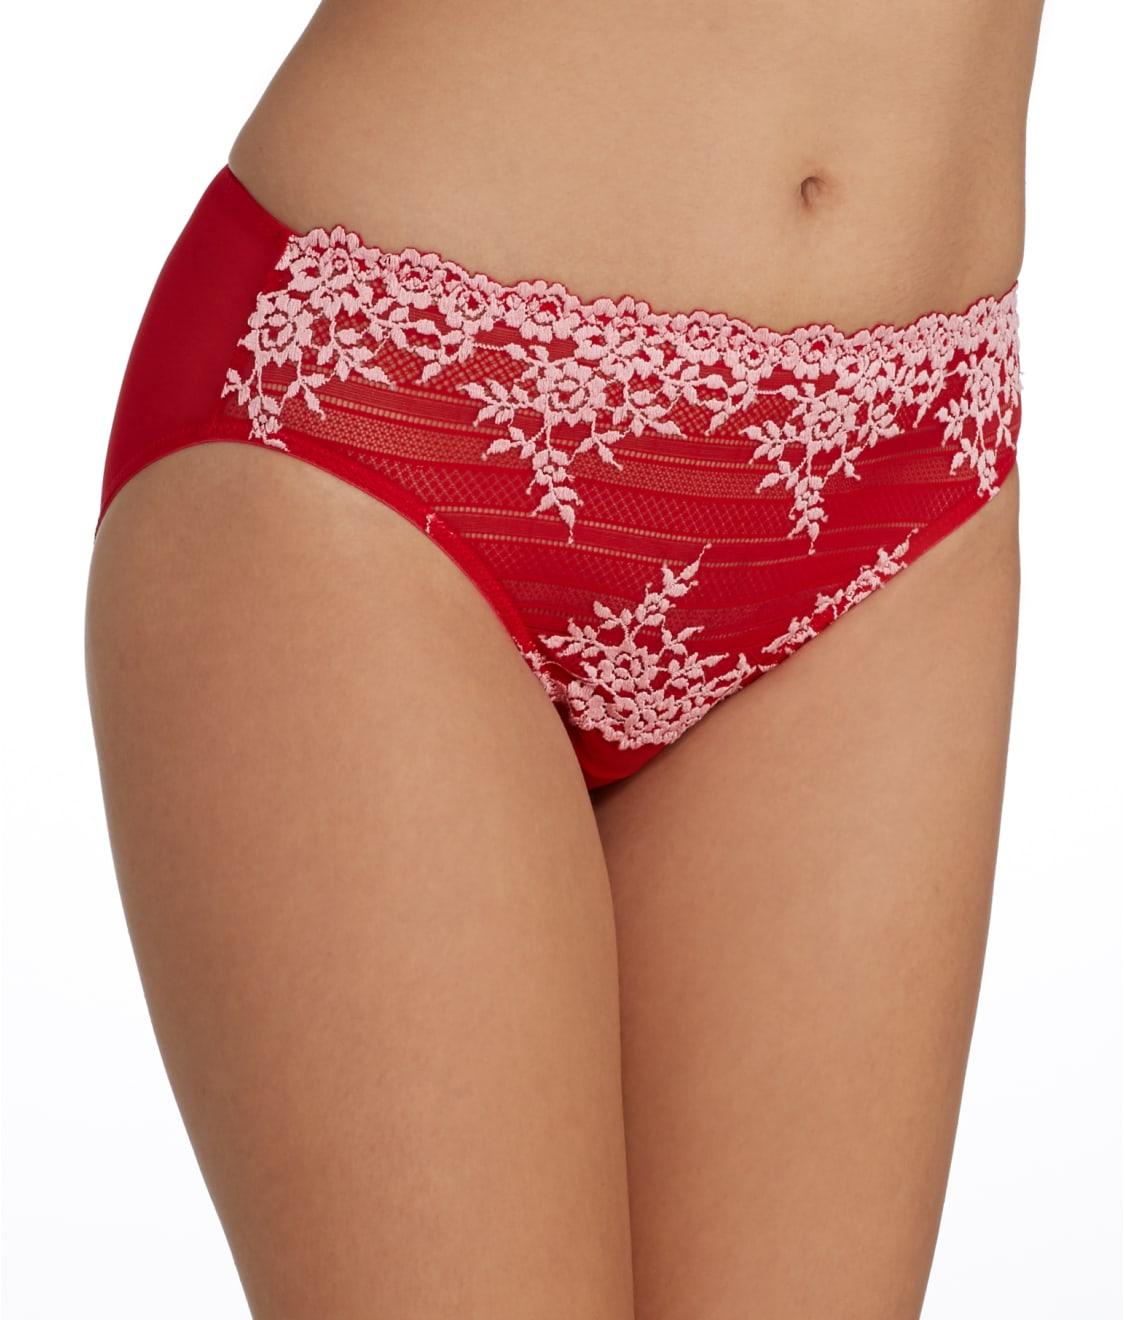 e4d413e4d671c See Embrace Lace™ Hi-Cut Brief in Tango Red